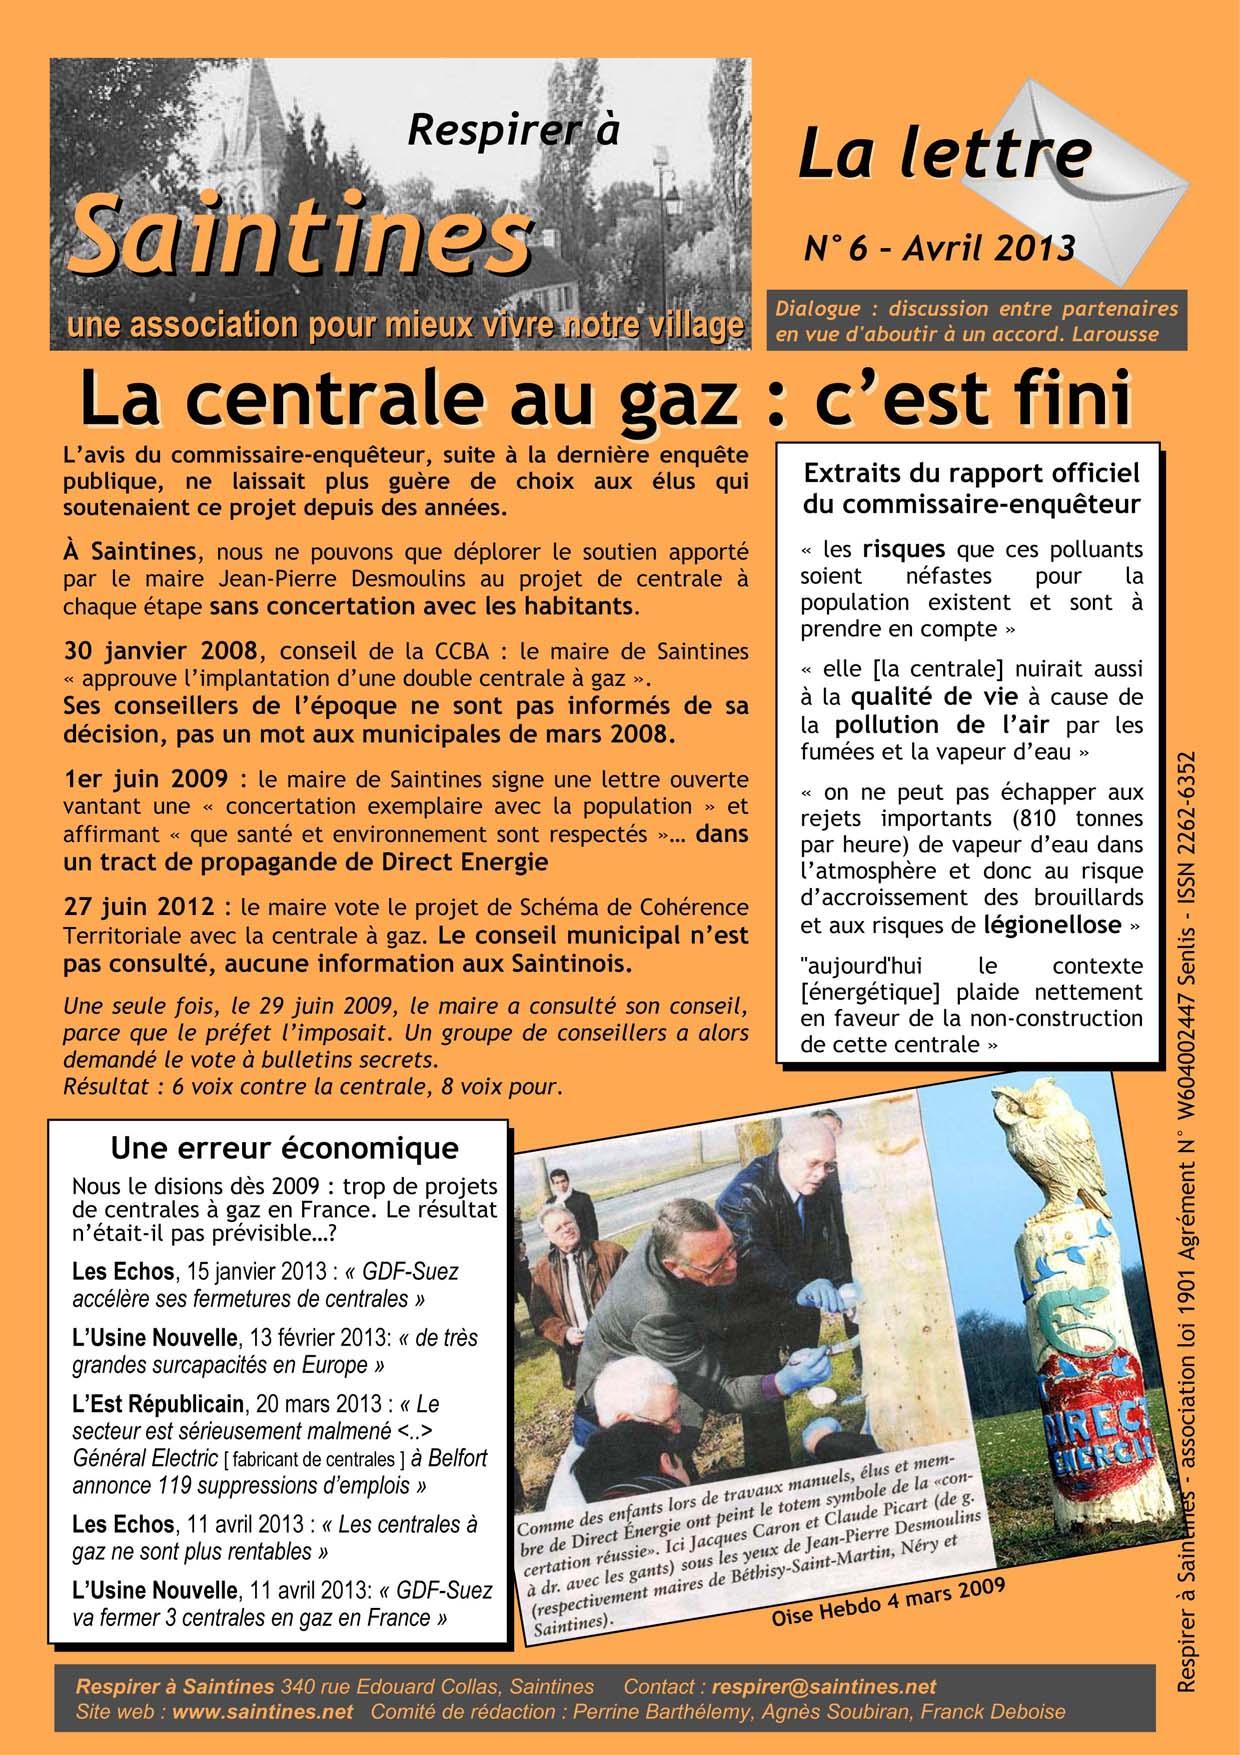 La Lettre d'Avril 2013 page 1